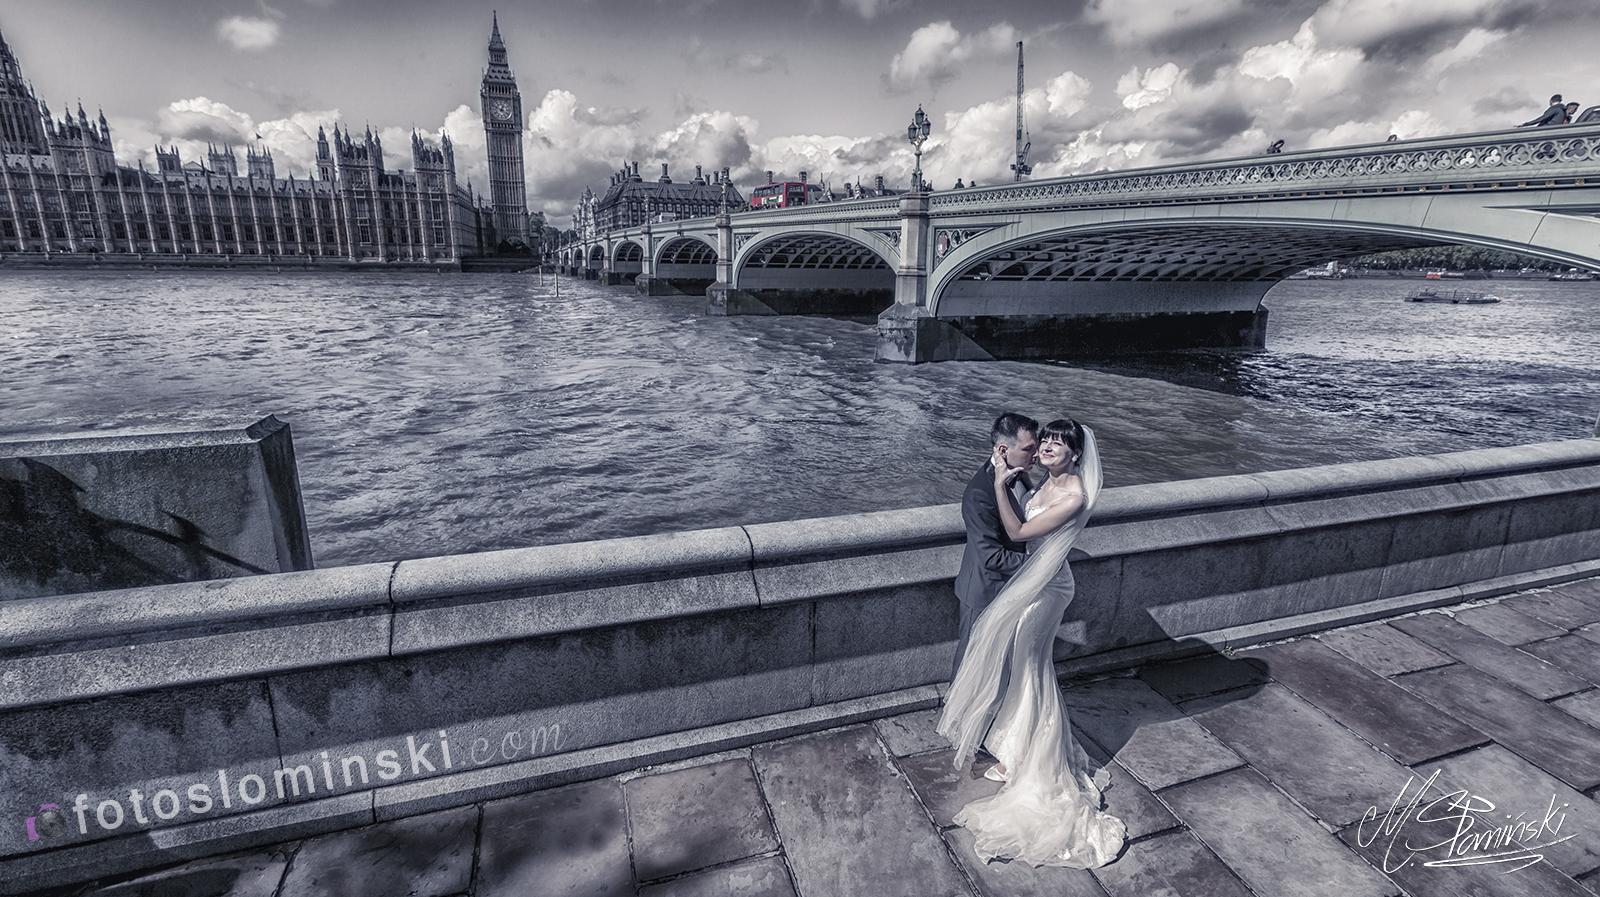 #ZdjęciaSłomińskiego #Londyn www.fotoslominski.pl #SesjaŚlubna  - Fotografia ślubna - Wrocław. Jak Wam siępodoba Londyn ? Byłem tam dwa razy i zawsze trafiłem na deszcz.